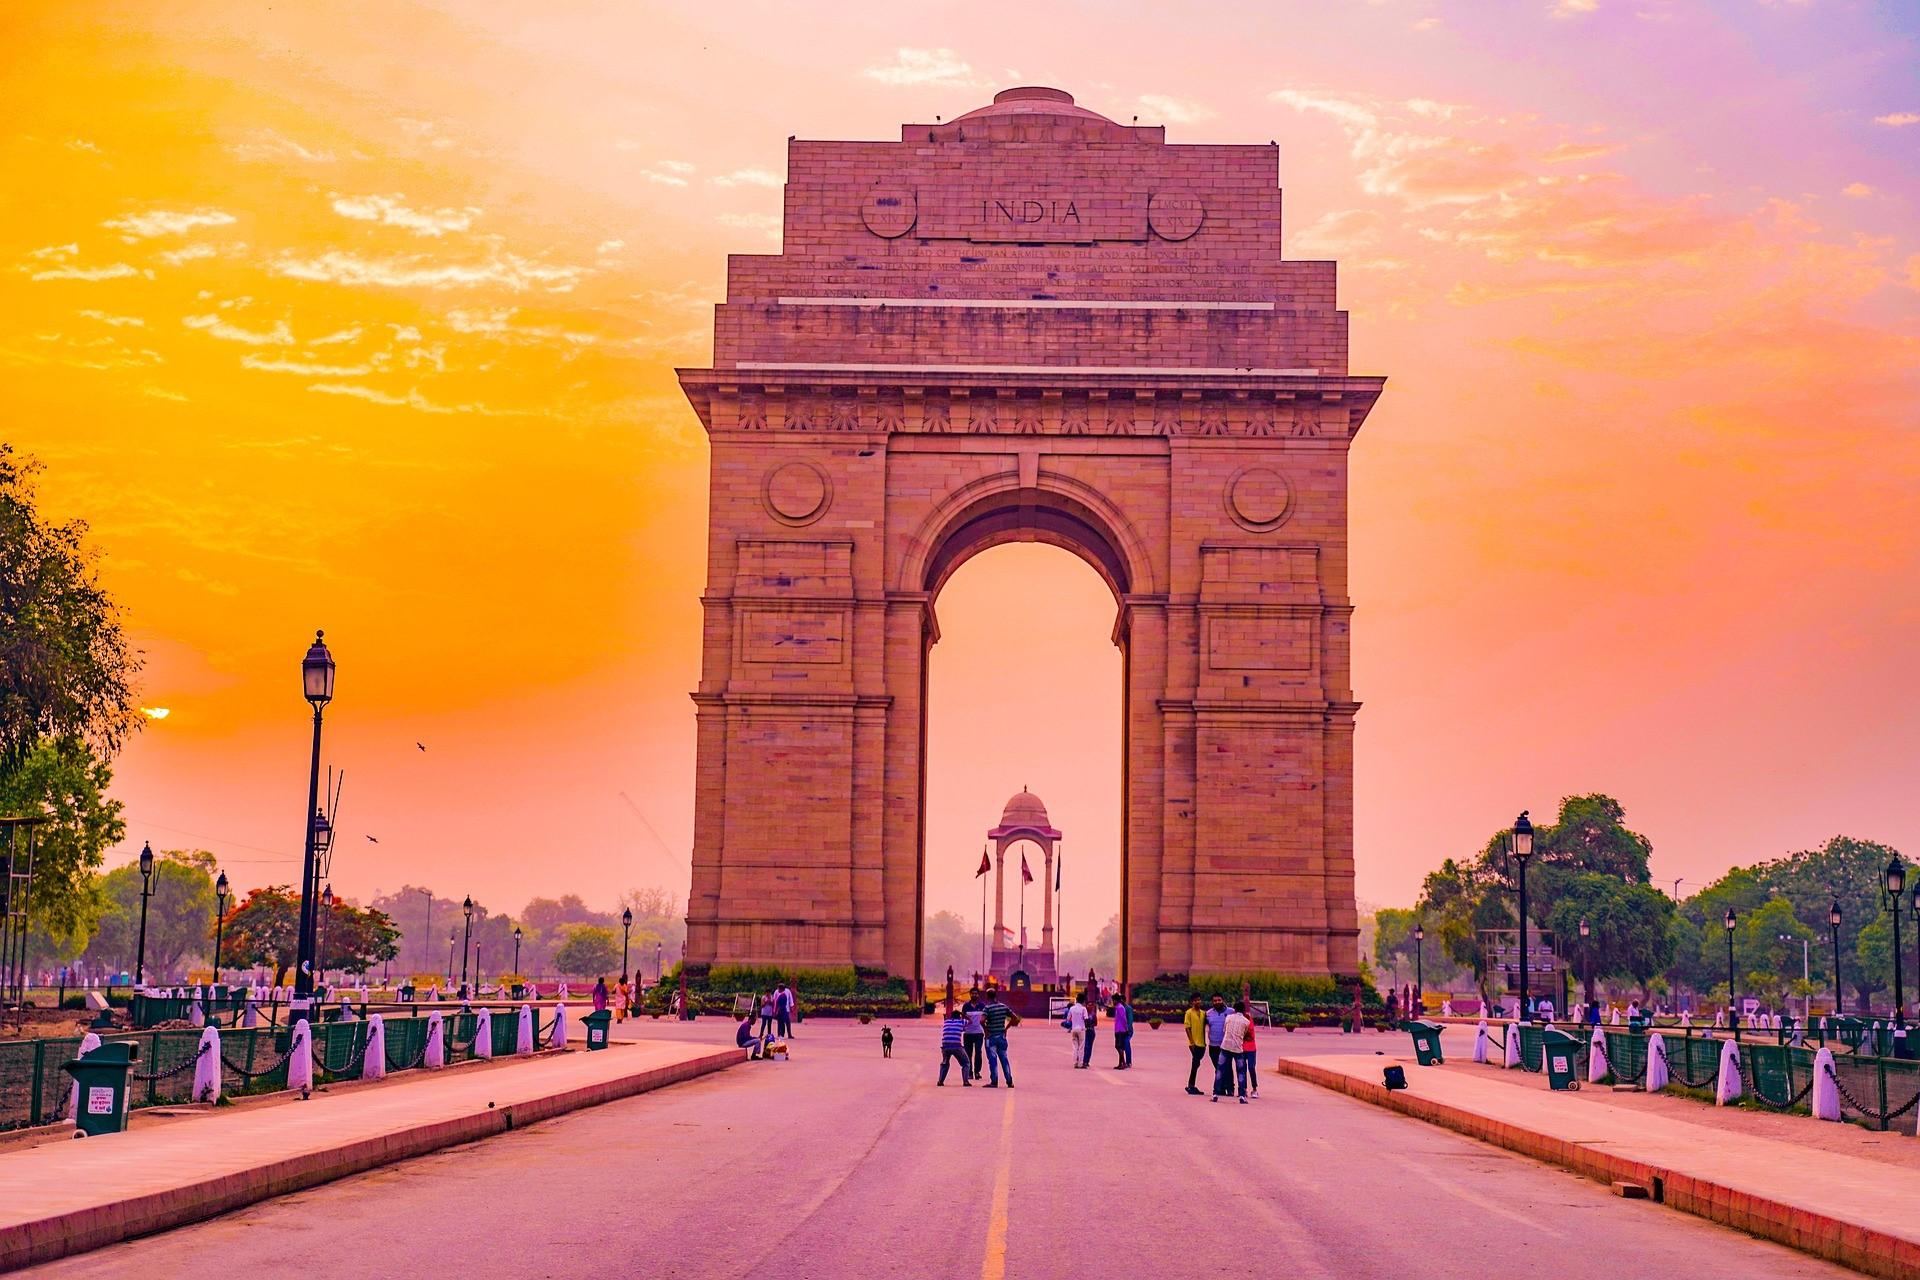 qué ver en Delhi Puerta de la India